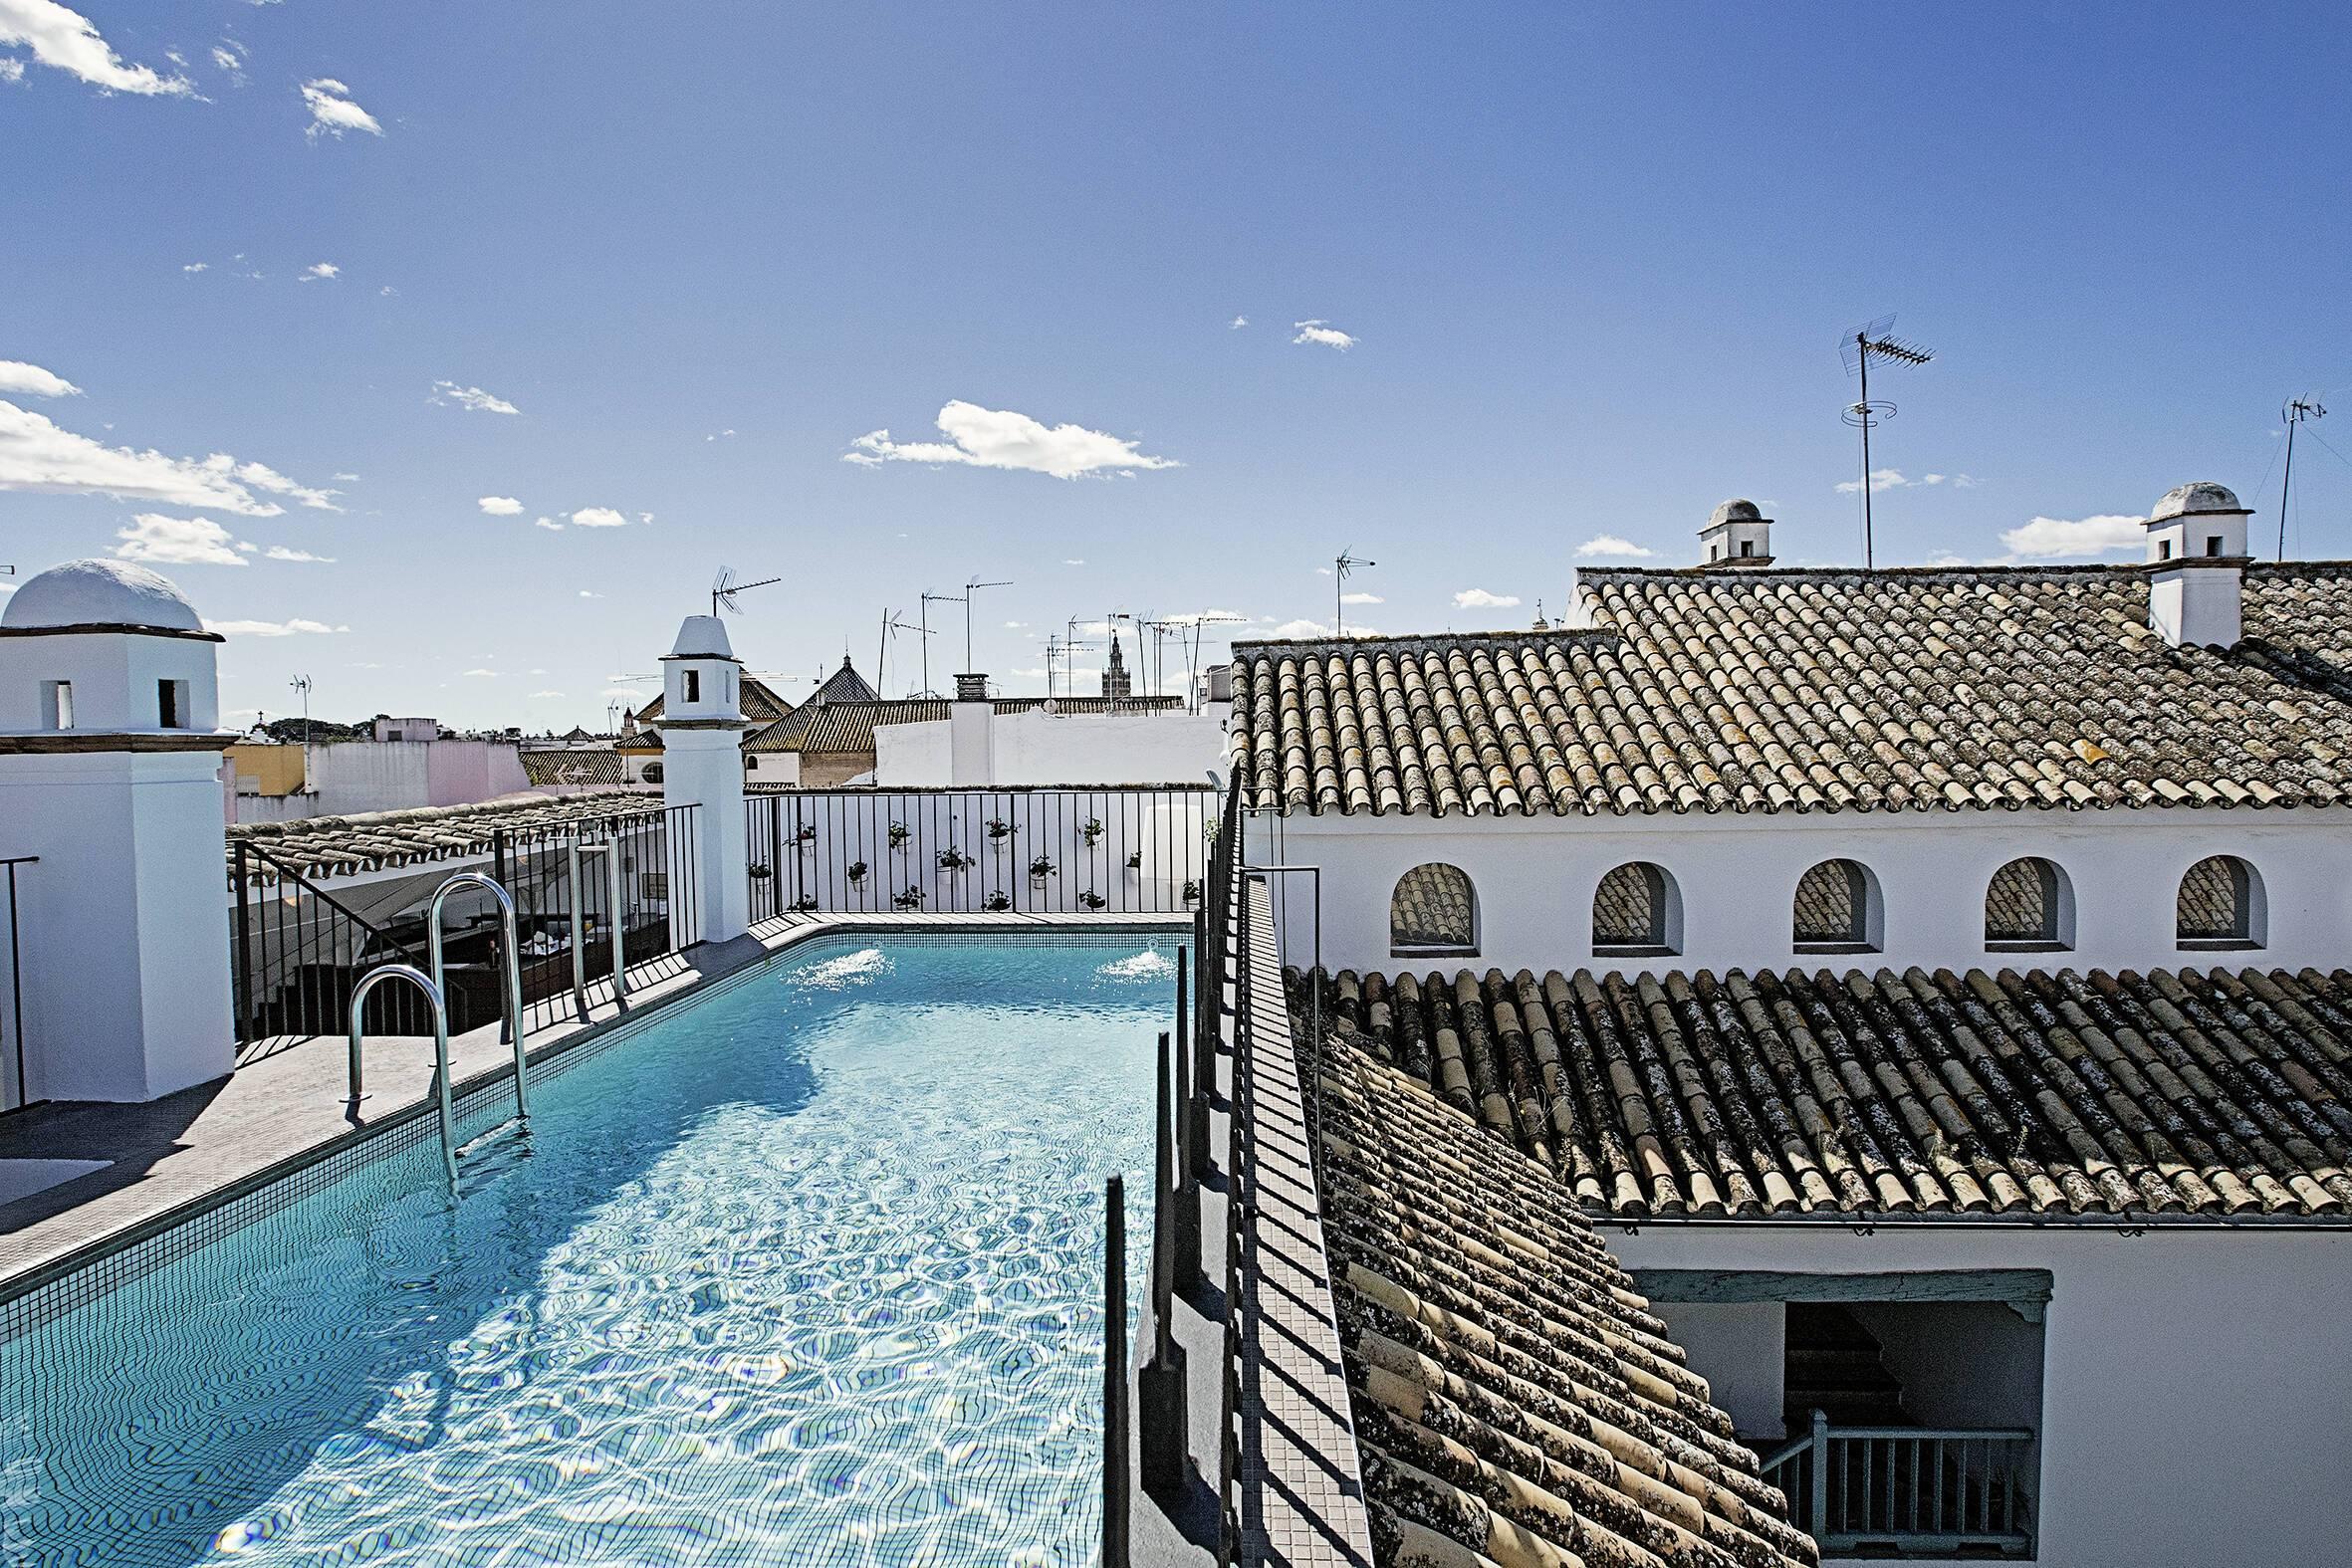 Seville Hospes Las Casas del Rey de Baeza Piscine